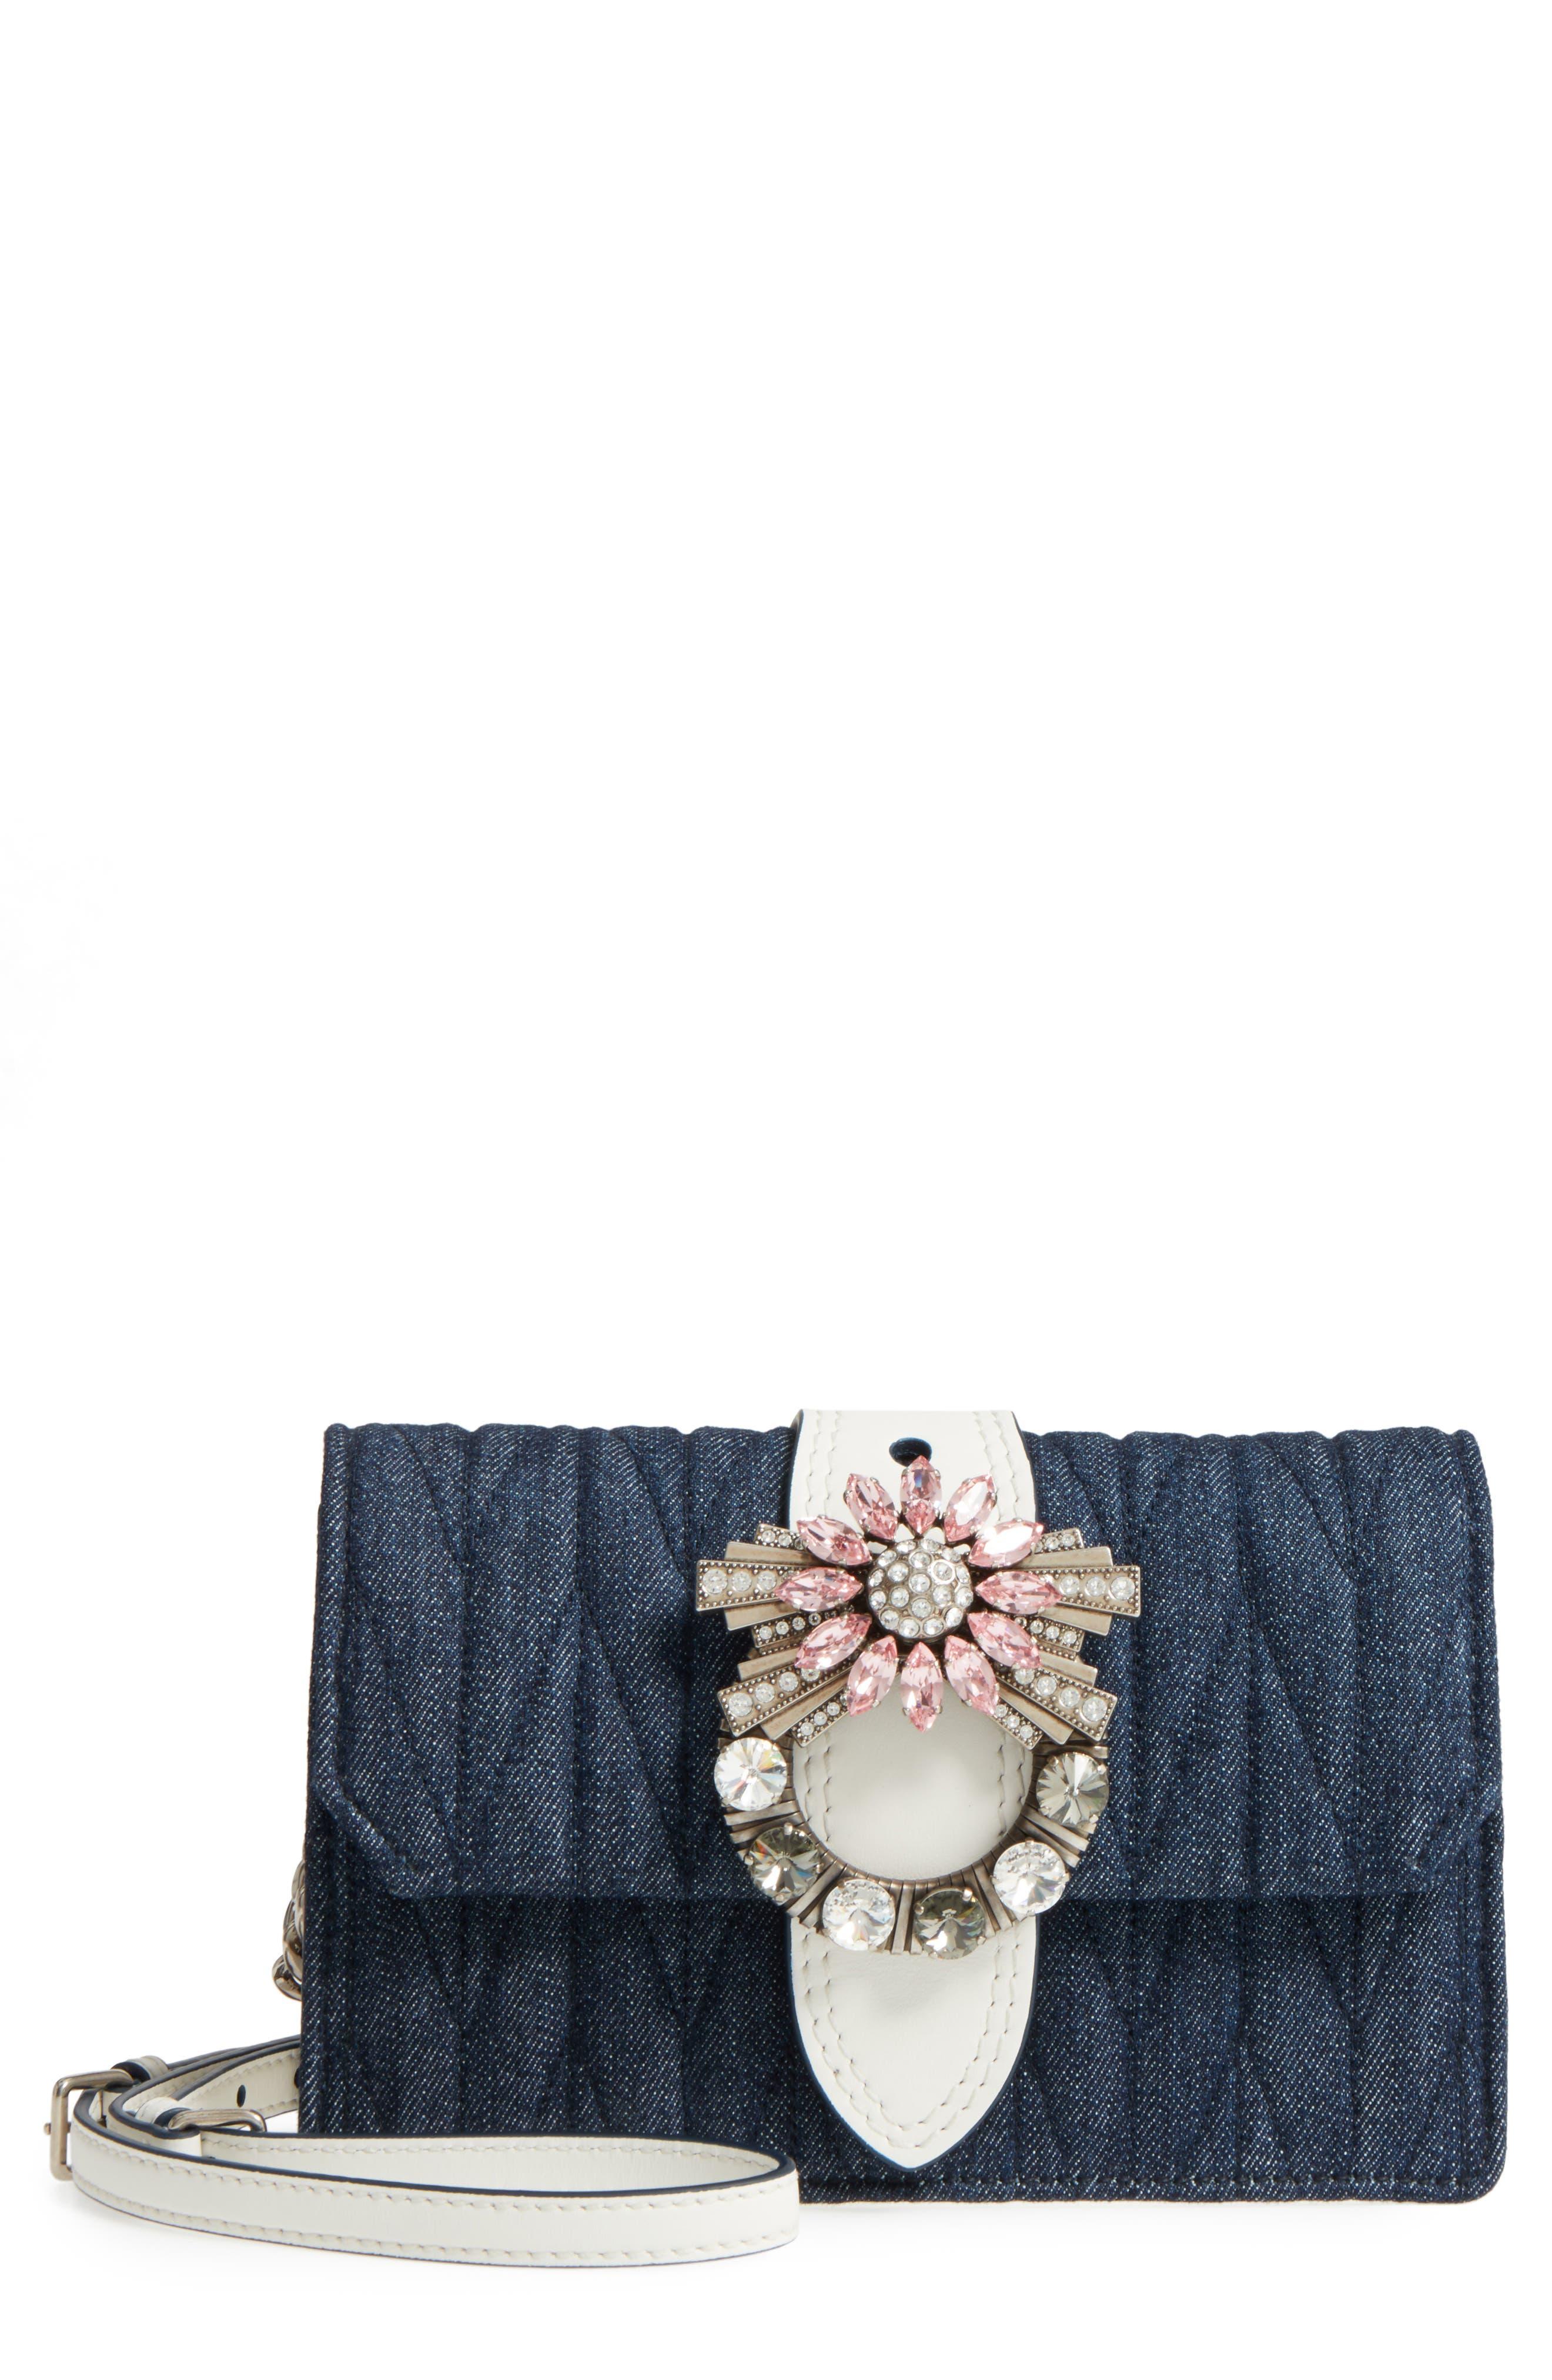 Matelassé Denim Embellished Shoulder Bag,                         Main,                         color, BLU/ BIANCO